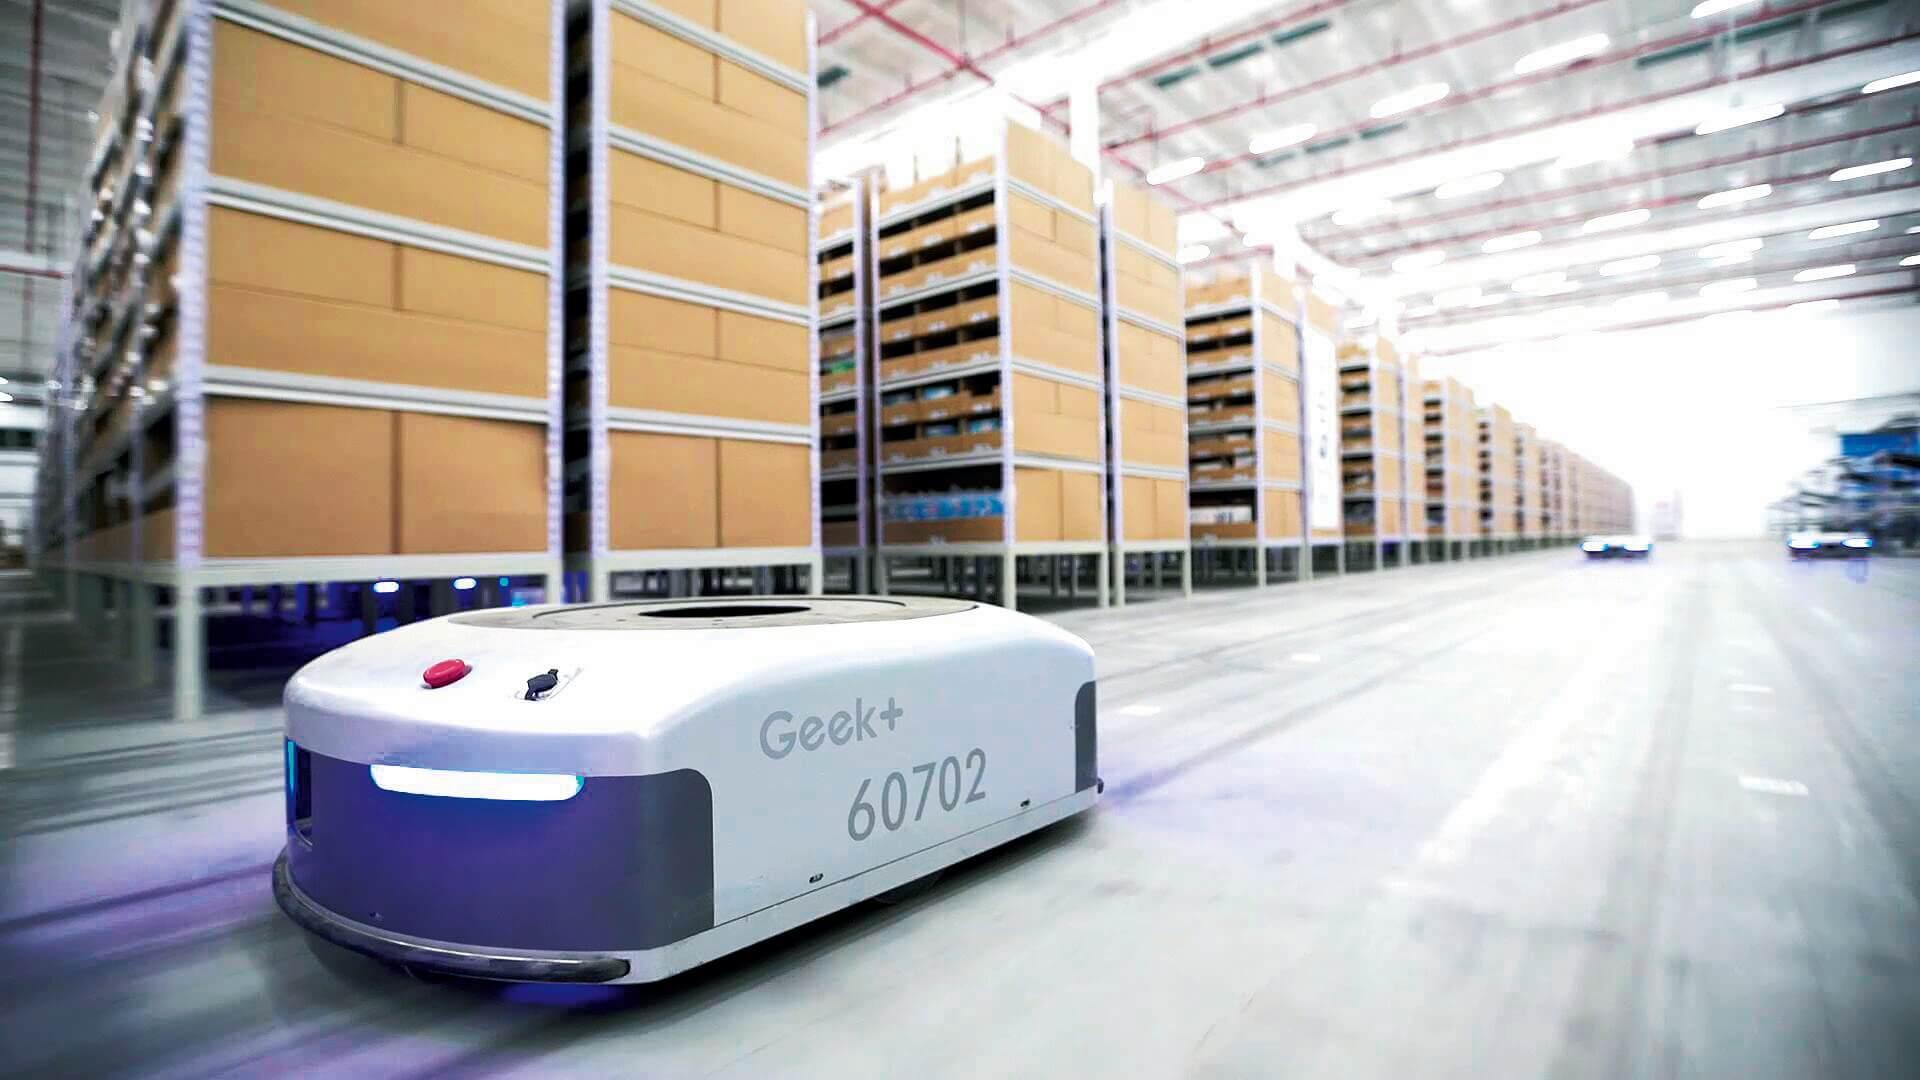 Робота без помилок: приклади роботизації складів у світі та Україні